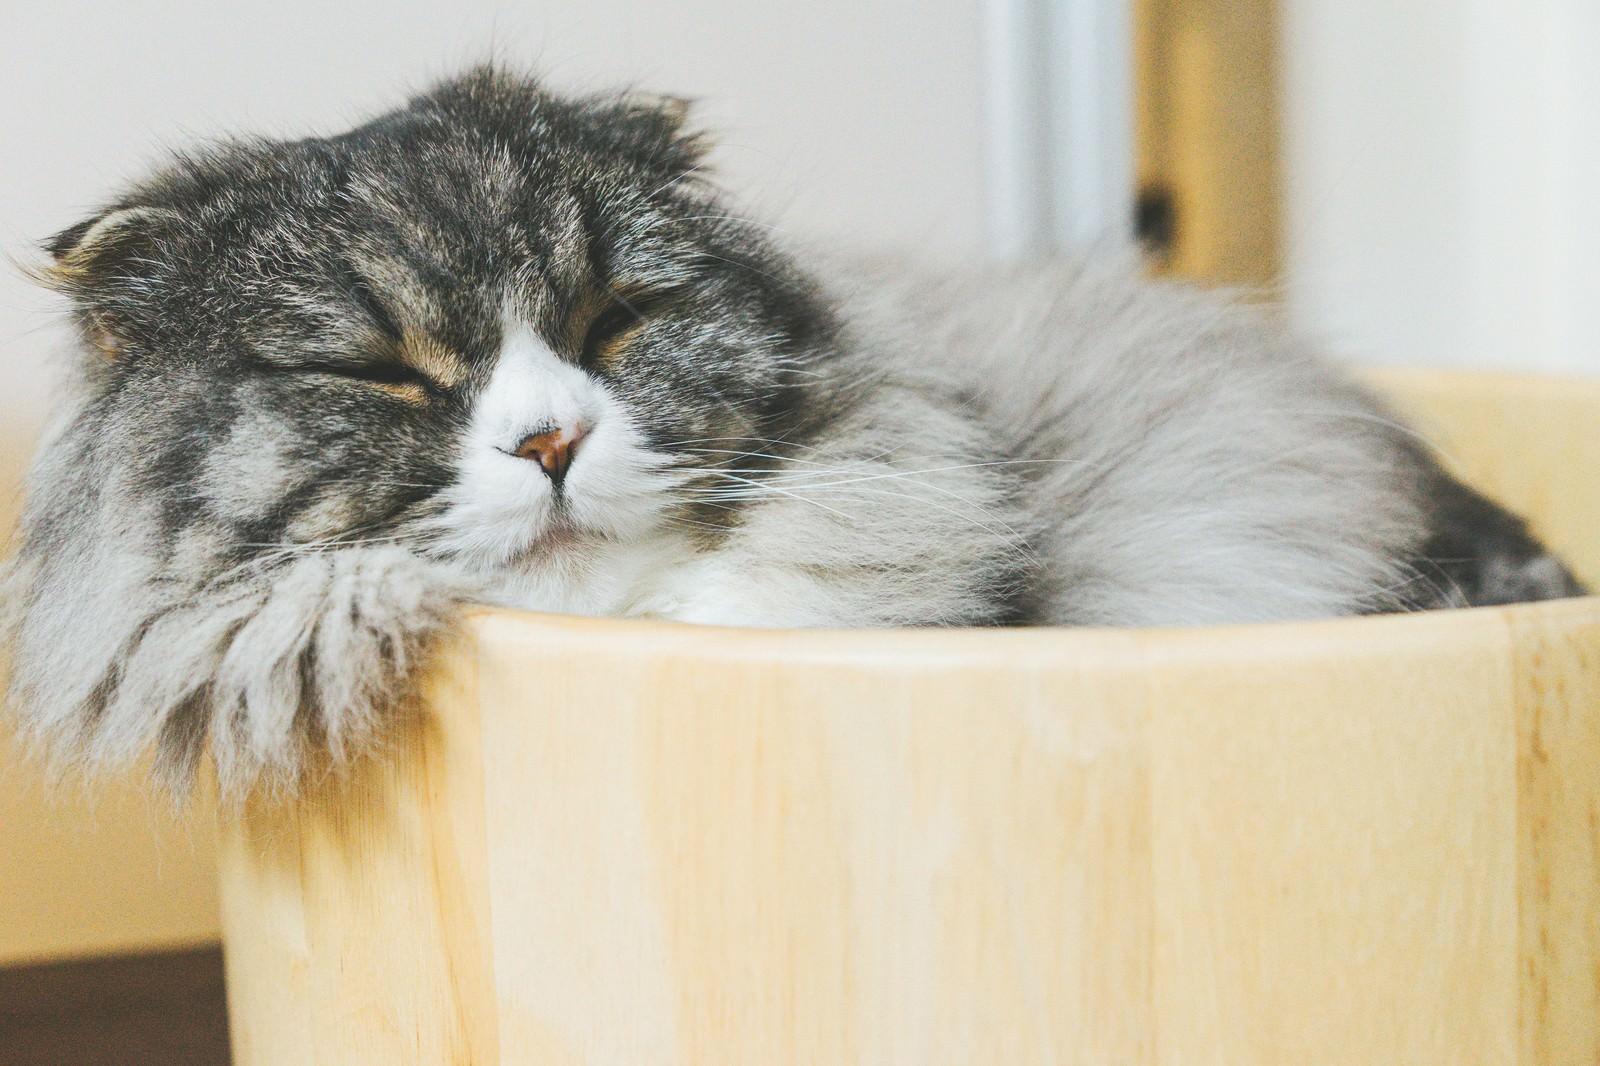 「猫桶で気持ちよさそうに寝てるオス猫(スコティッシュフォールド)」の写真